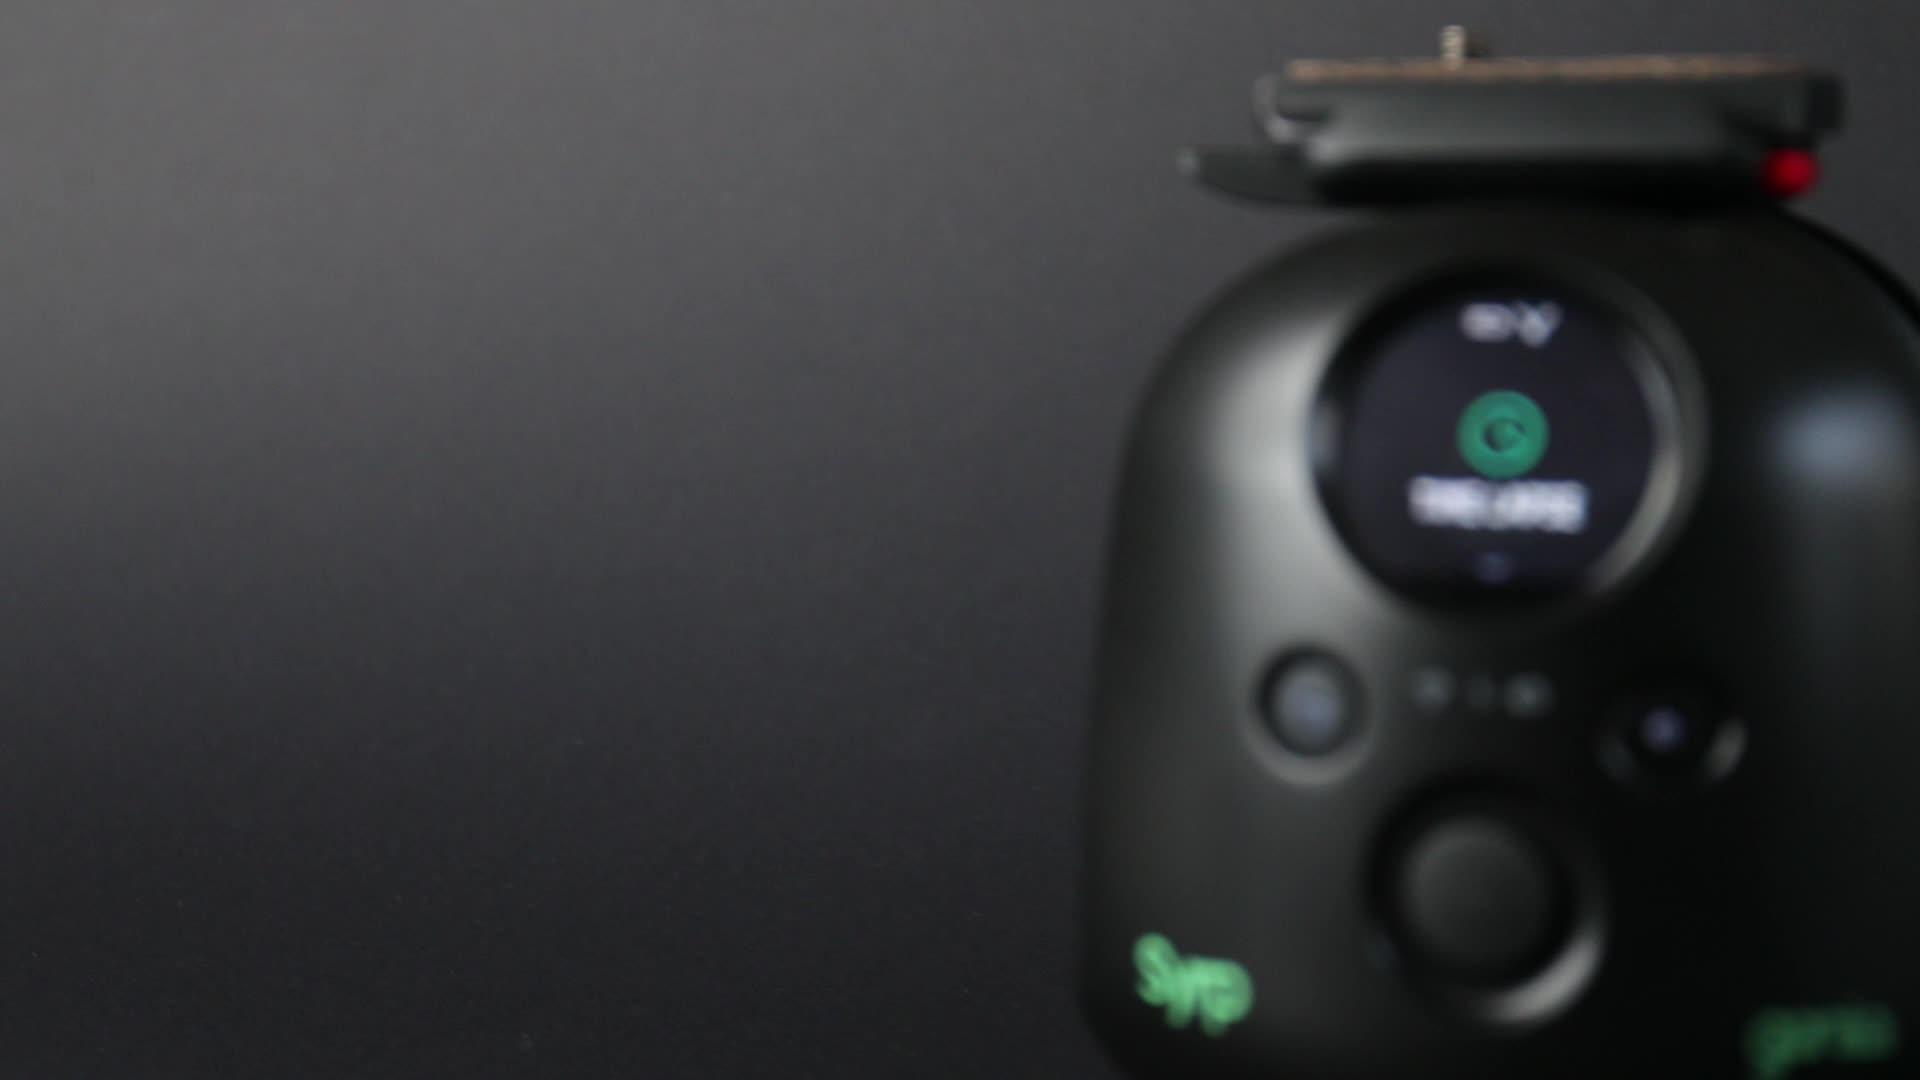 camera gear, syrp, timelapse, Syrp Genie II GIFs